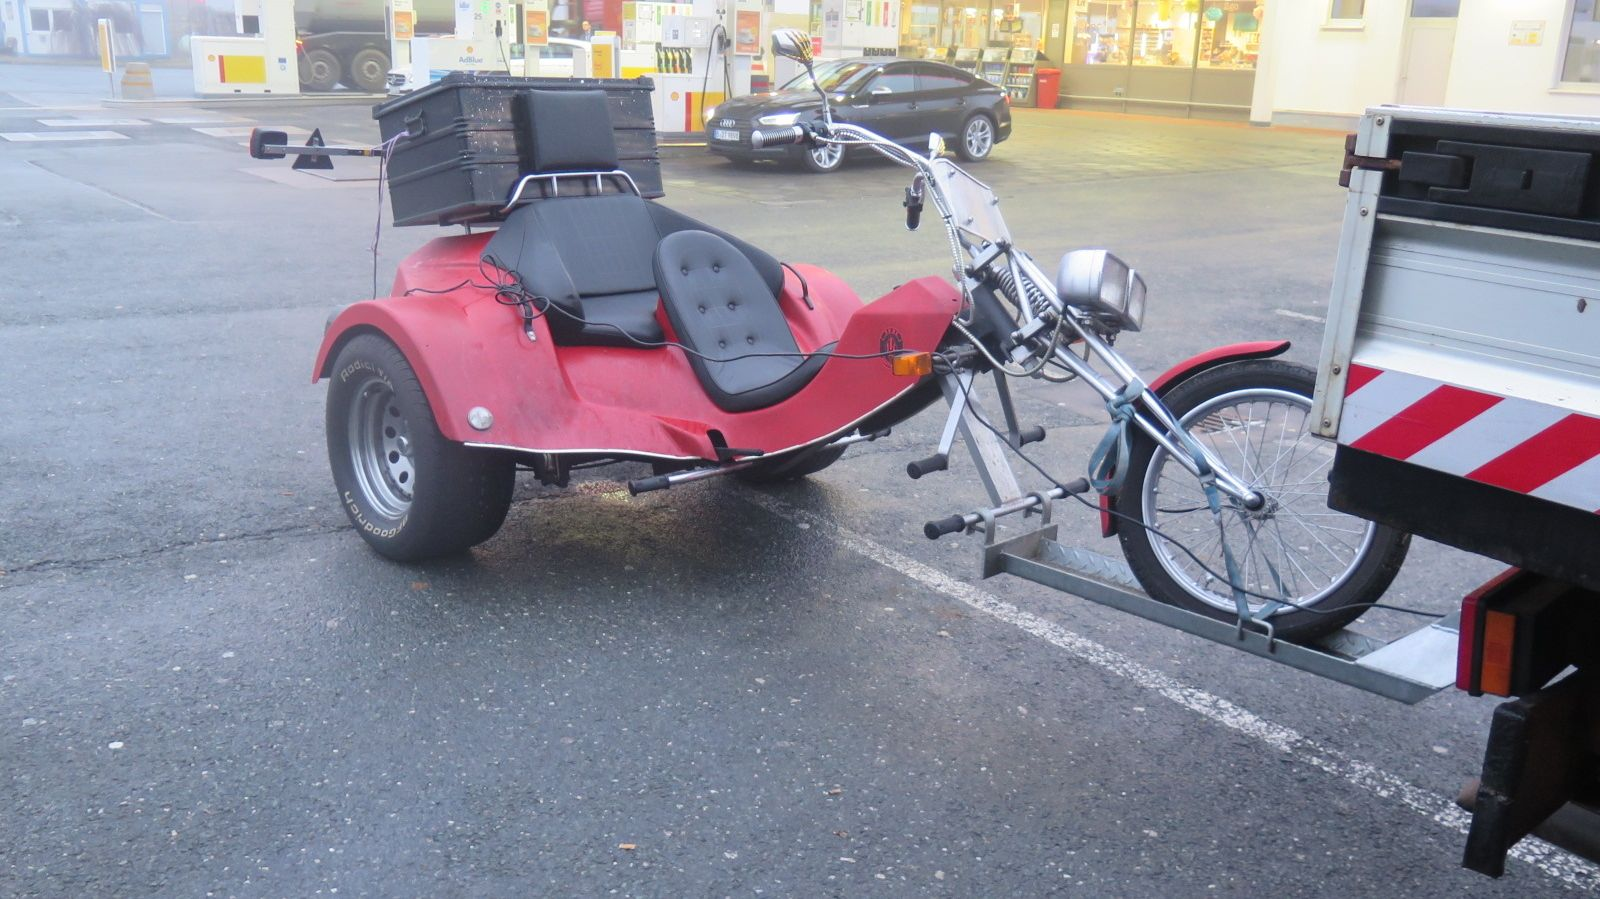 Ein Trike hängt an der Anhängerkupplung eines Kleintransporters.